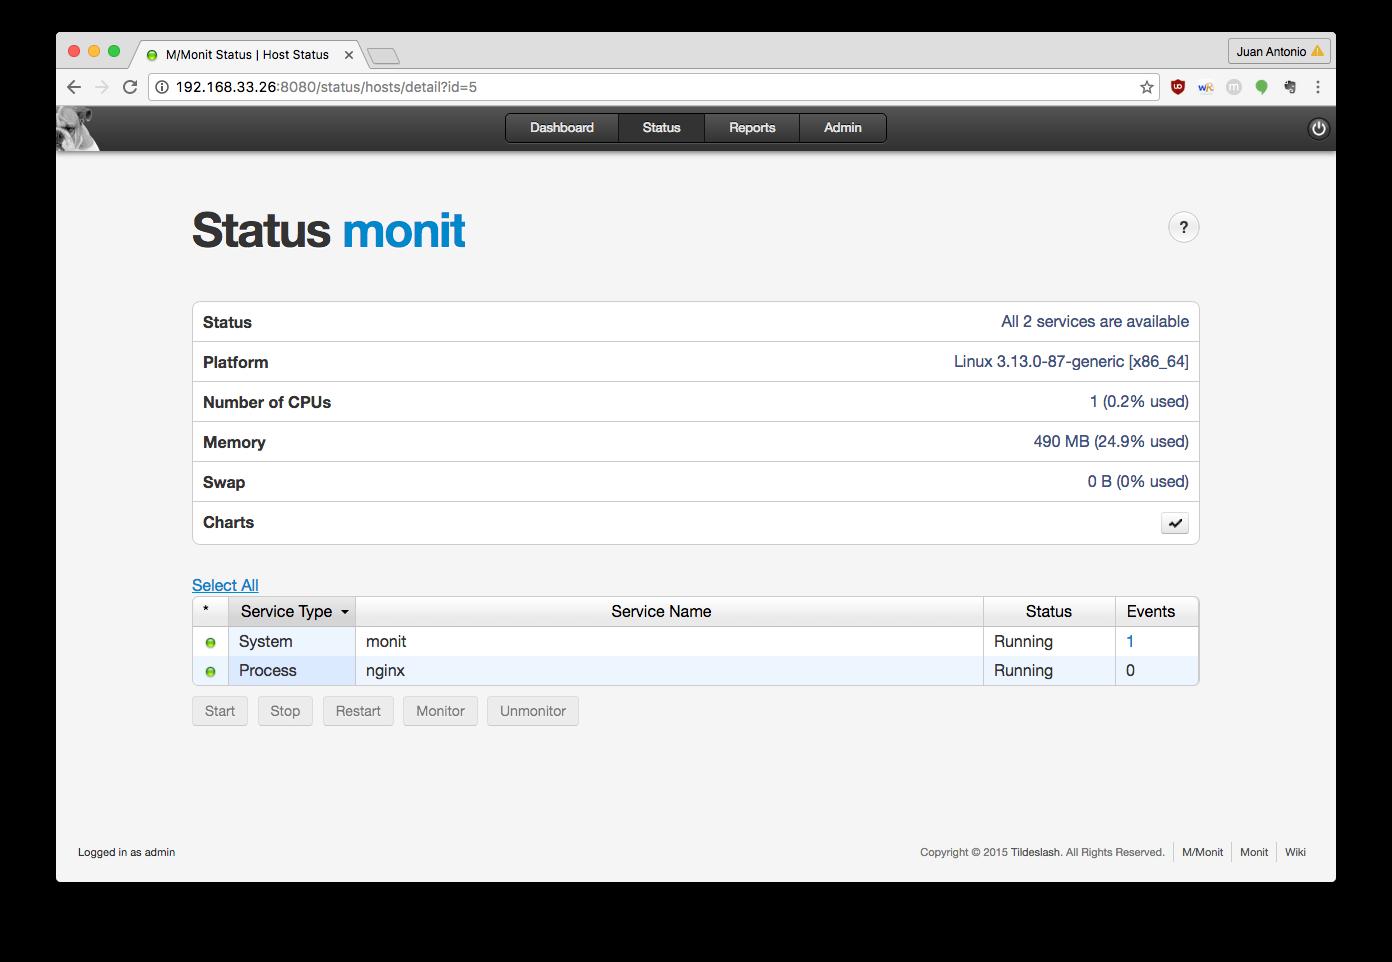 Monit Status Detail